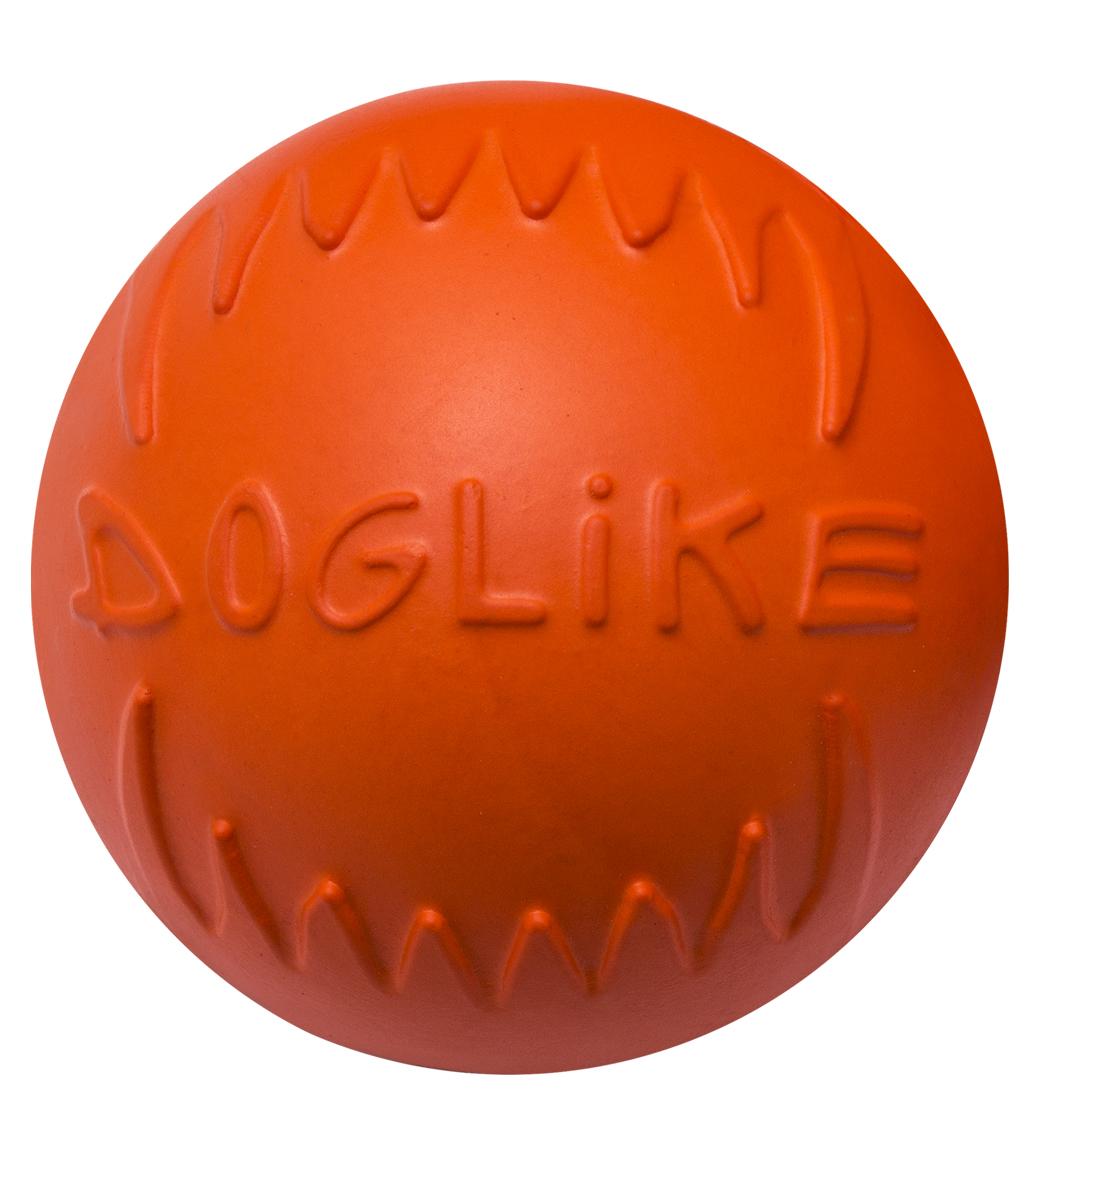 Игрушка для животных Doglike Мяч, диаметр 6,5 смDM-7341Сохраняет эластичность -50 +50,Усиленная формула материала,Не тонет в воде,Безопасно для зубов собаки,Экологически чистый материал,Производство Россия